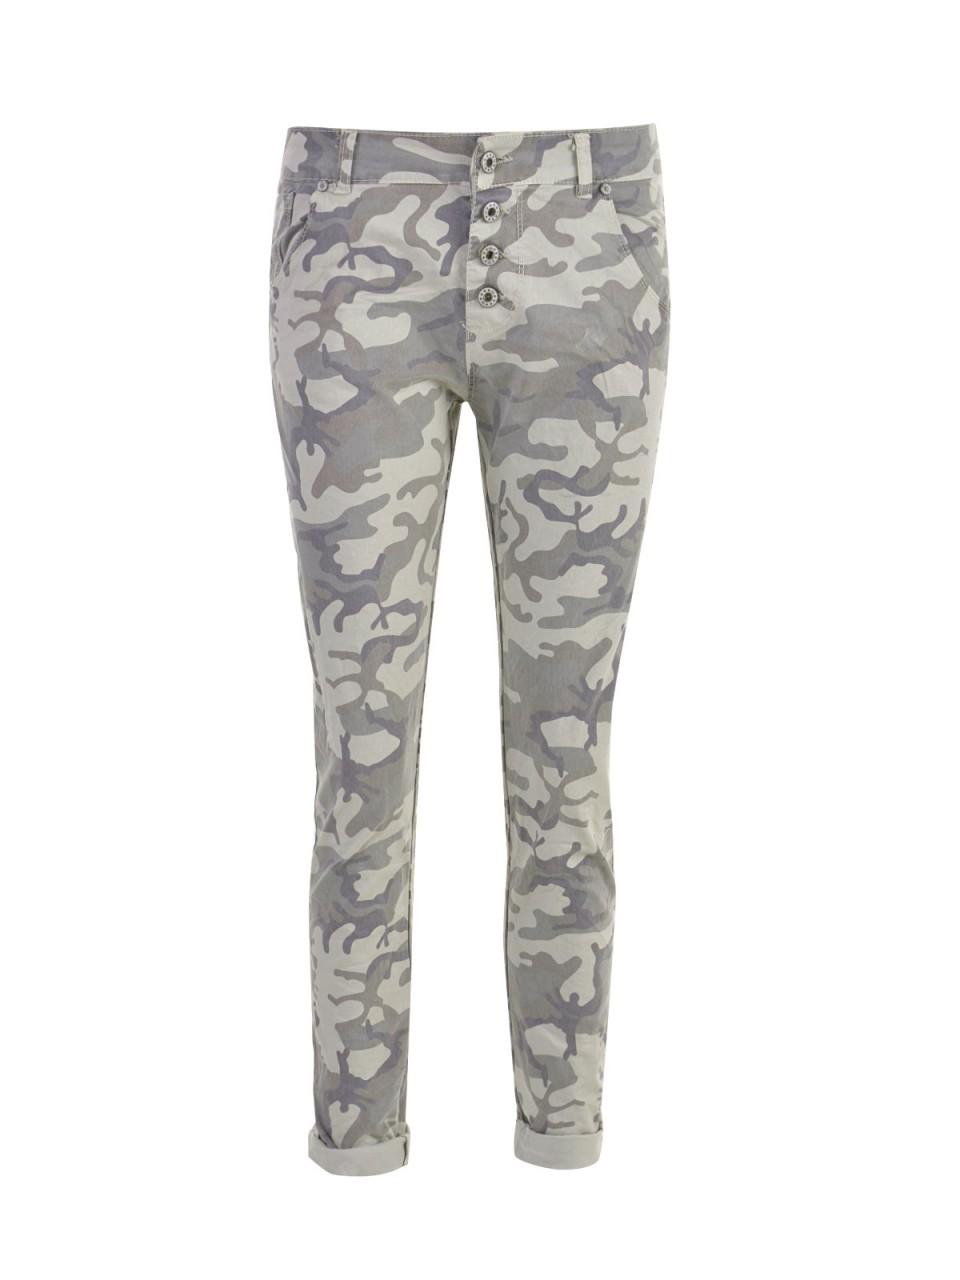 Hosen für Frauen - C M PREMIUM Damen Jeans, oliv  - Onlineshop Designermode.com